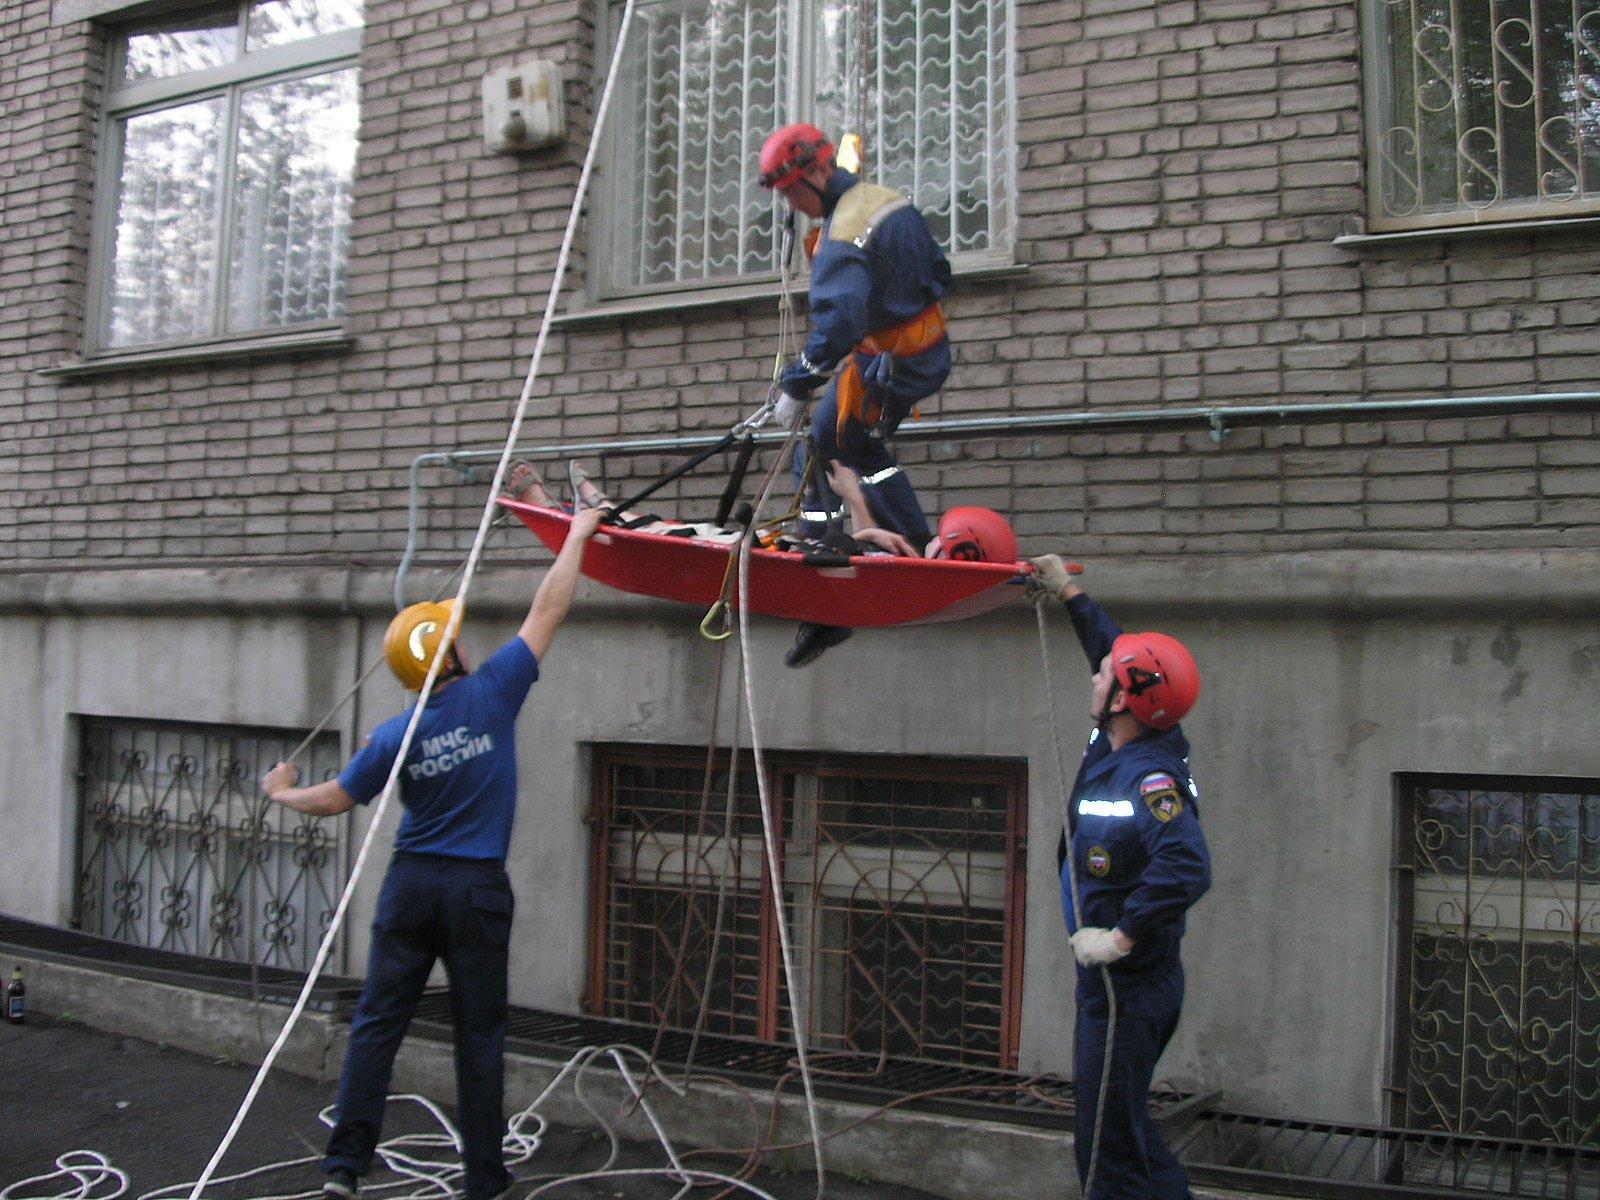 Монтаж систем оповещения и управления эвакуацией людей при пожаре - фото 1